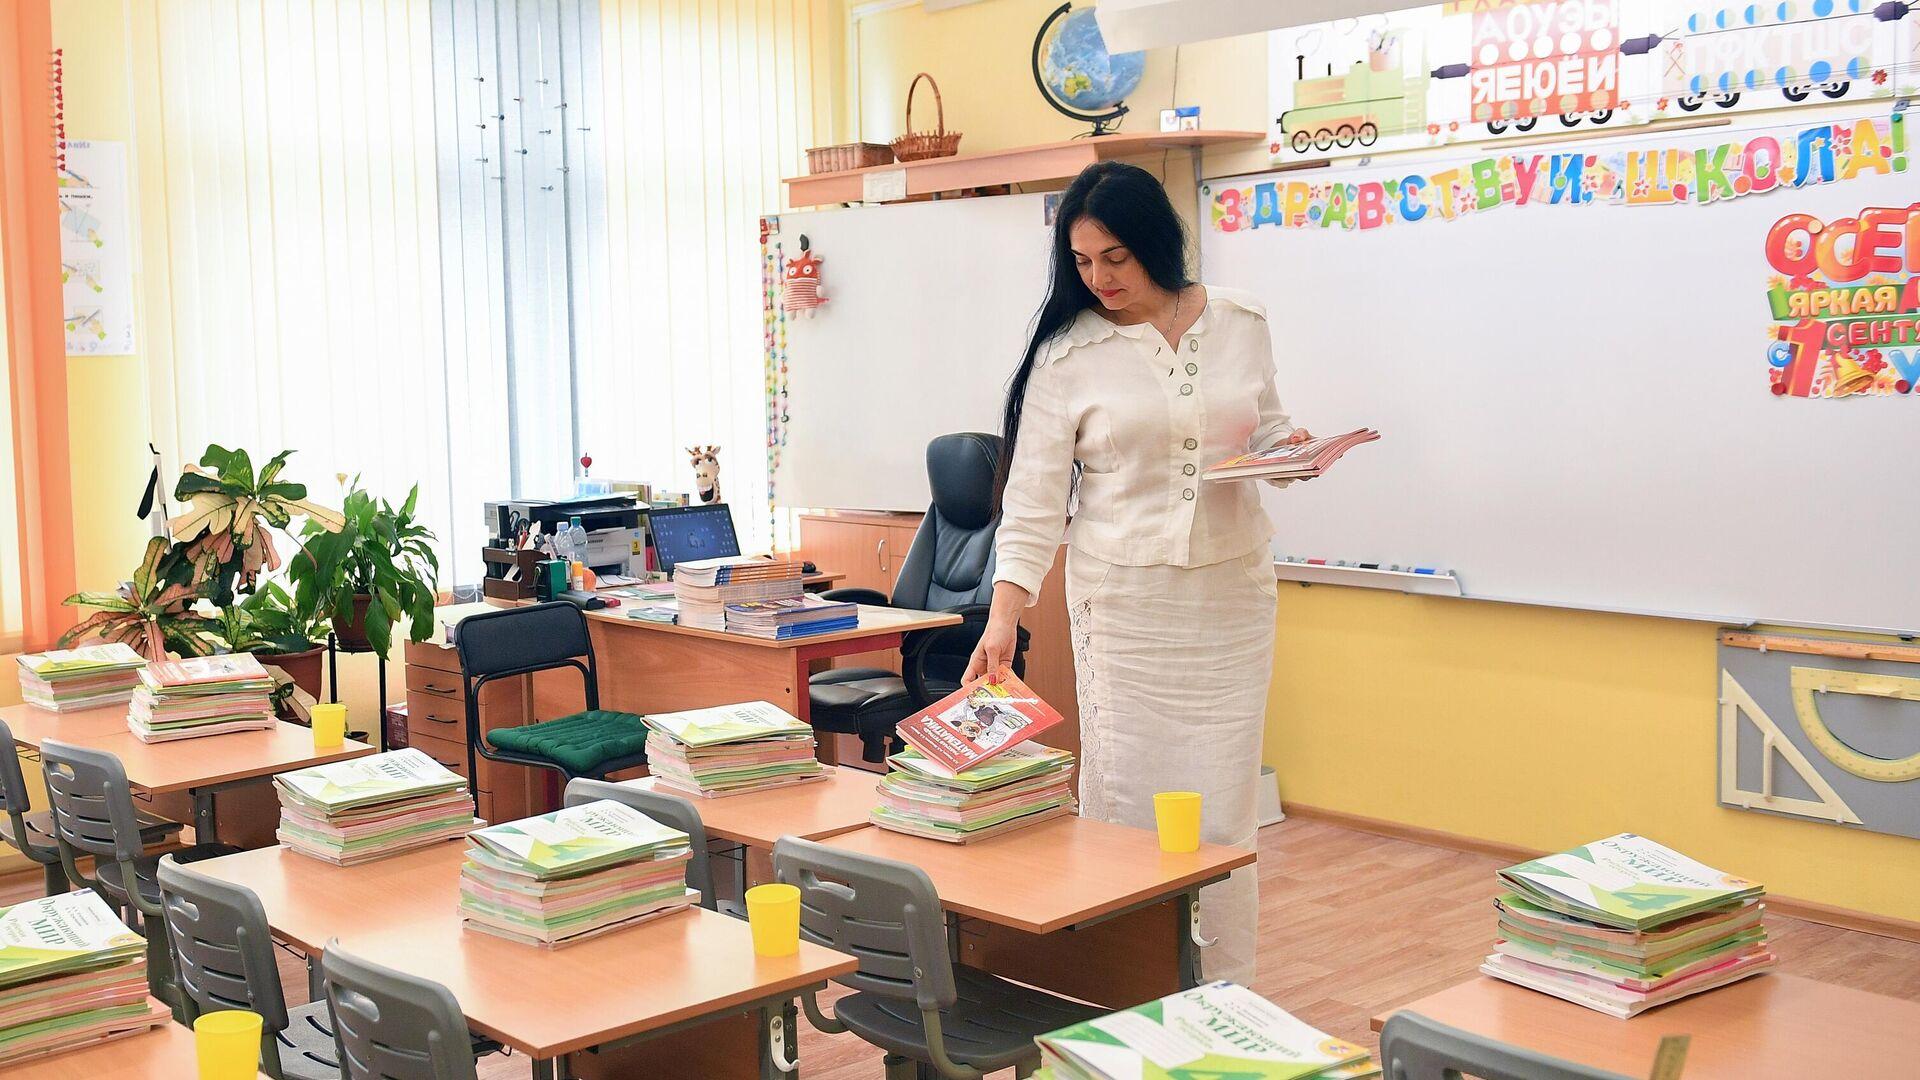 Учитель раскладывает тетради в классе - РИА Новости, 1920, 13.09.2021